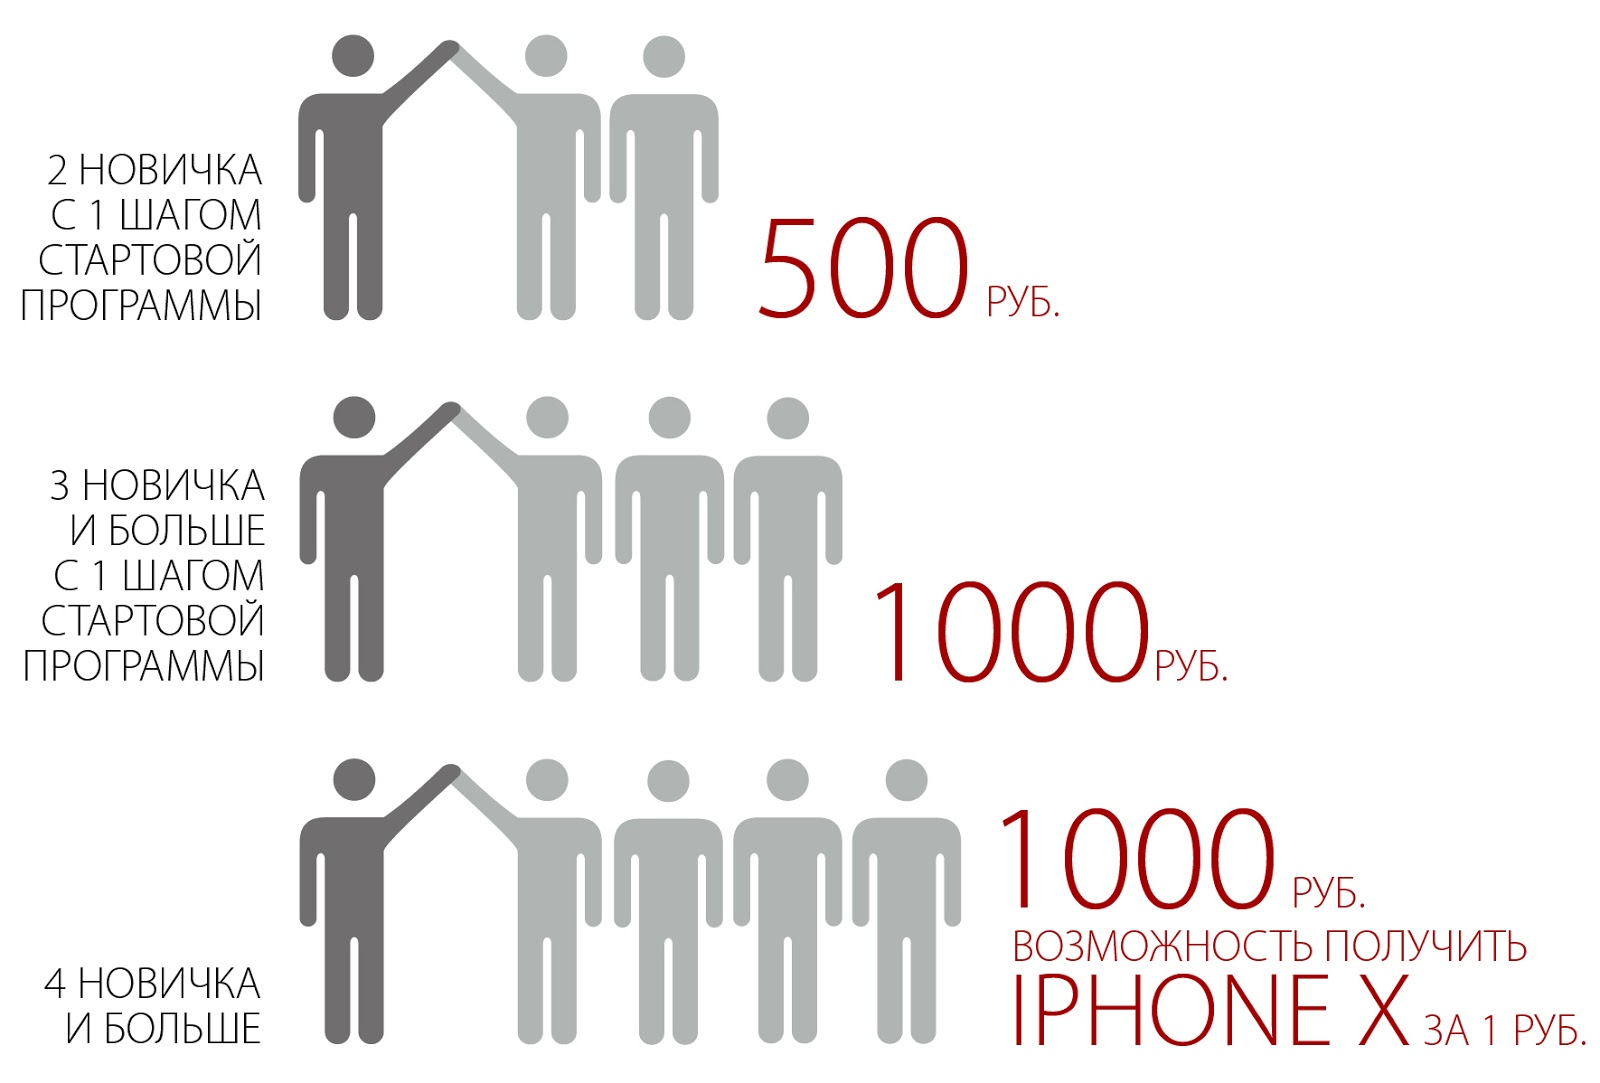 Акция iPhone X и денежные призы от БК Фонбет